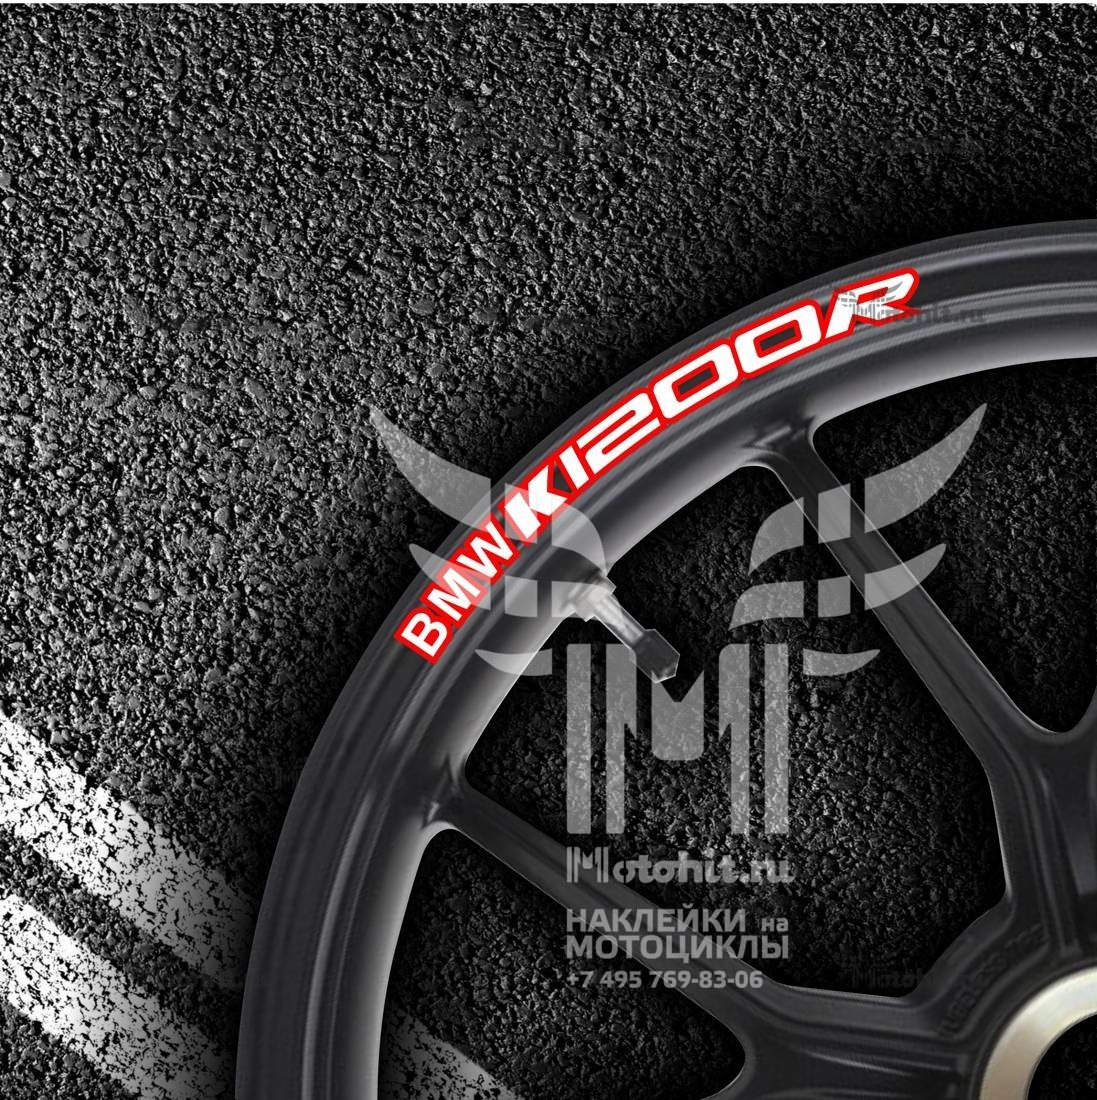 Комплект наклеек на обод колеса мотоцикла BMW K-1200-R